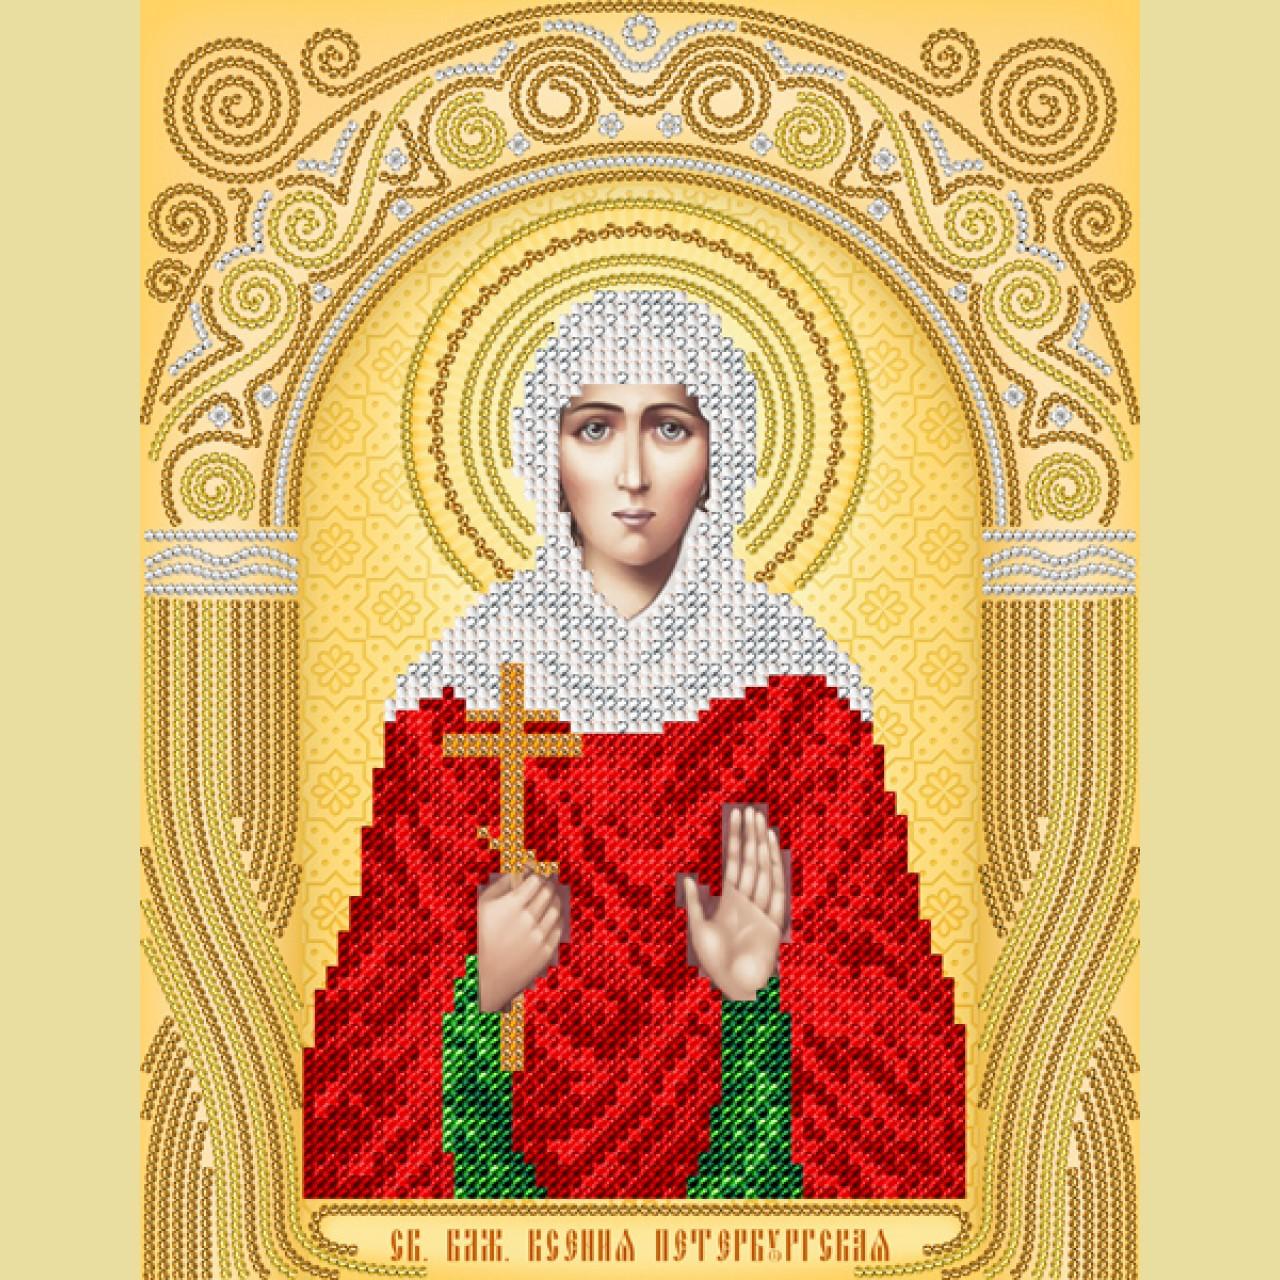 Вышивание крестиком иконы Ксении Петербургской 50